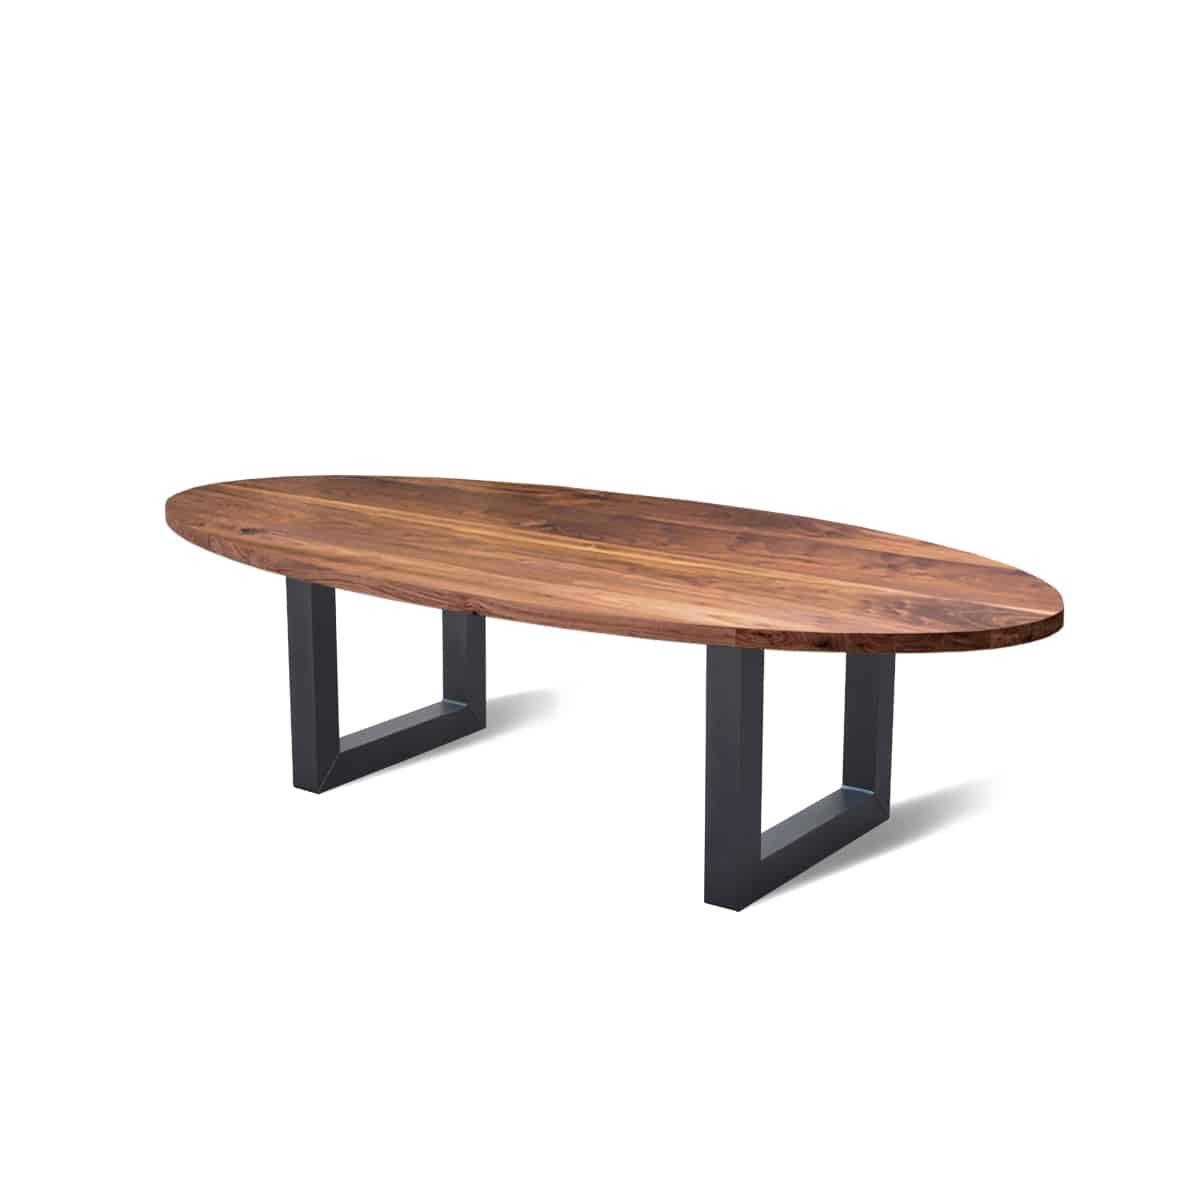 Ovale industriele eetkamer keuken tafel noten hout staal